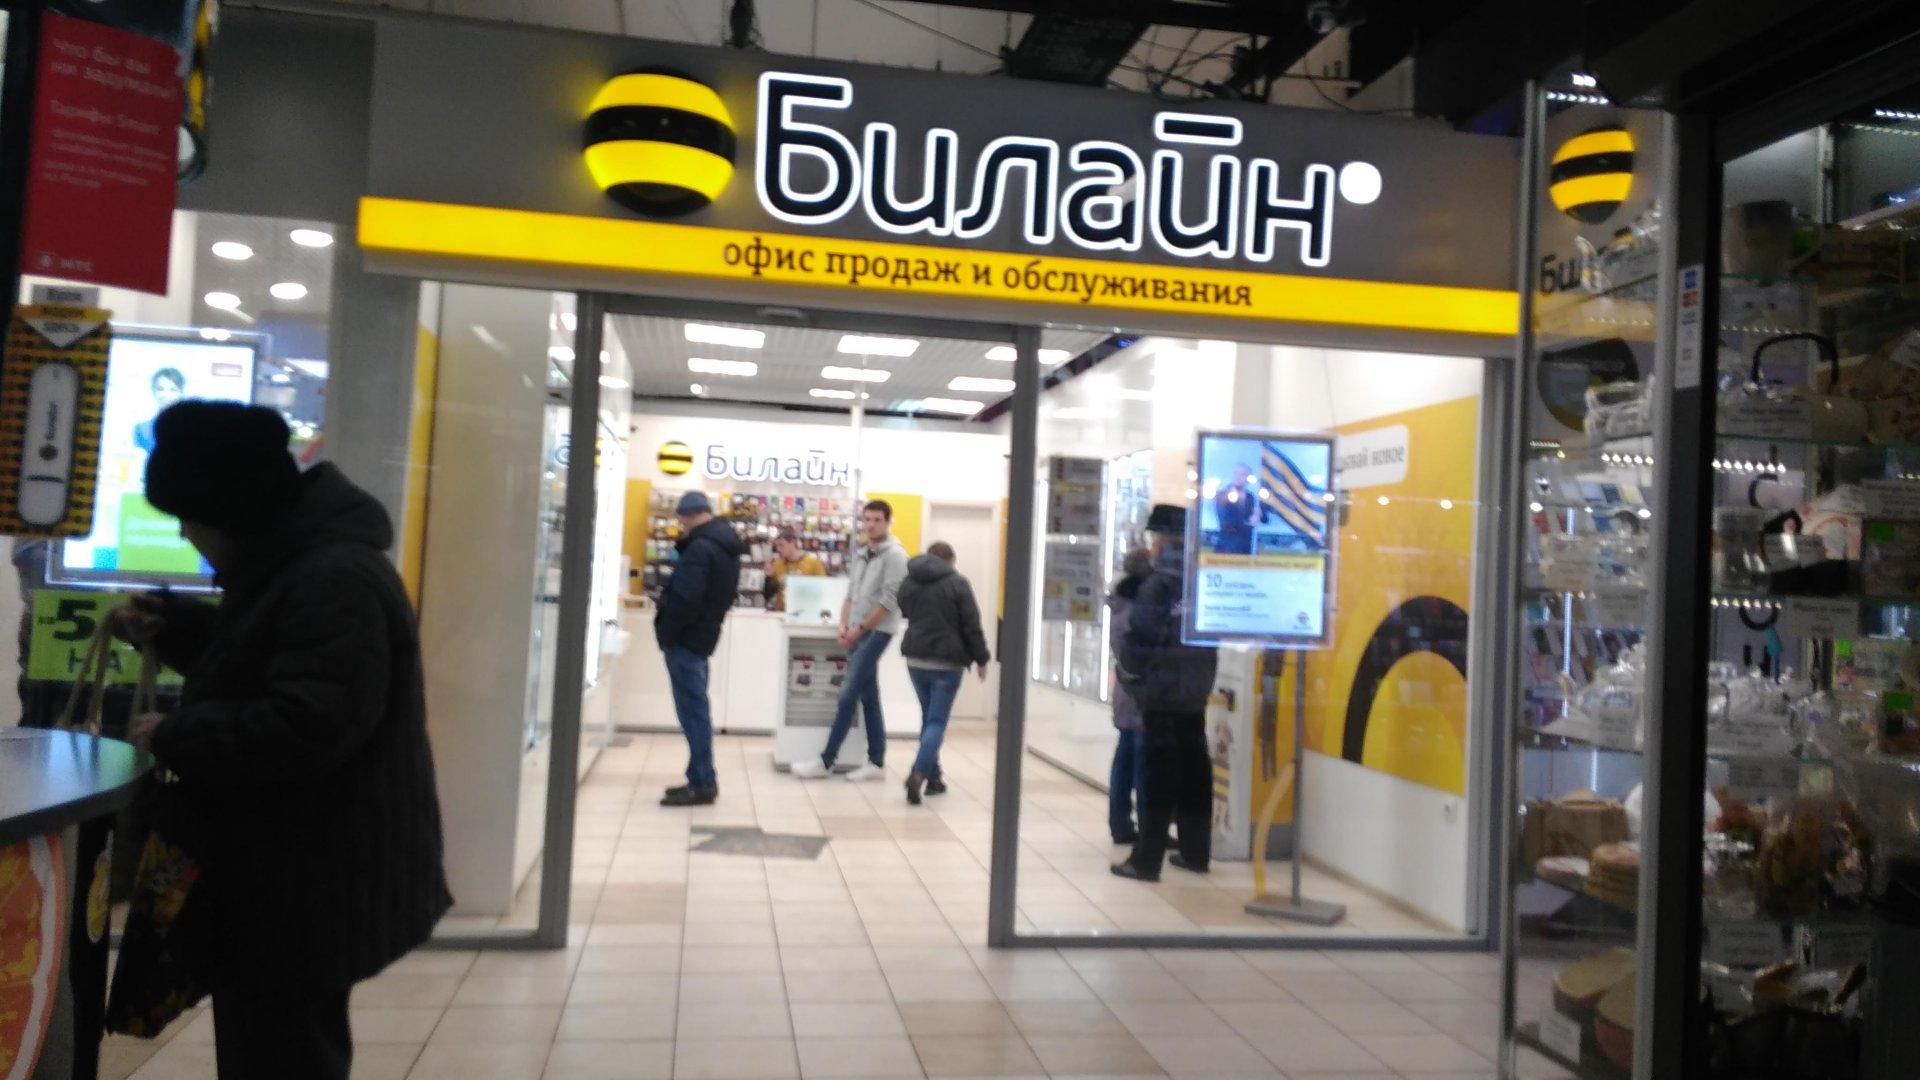 В магазинах Билайн выдано 100 тысяч посылок из интернет-магазинов 1